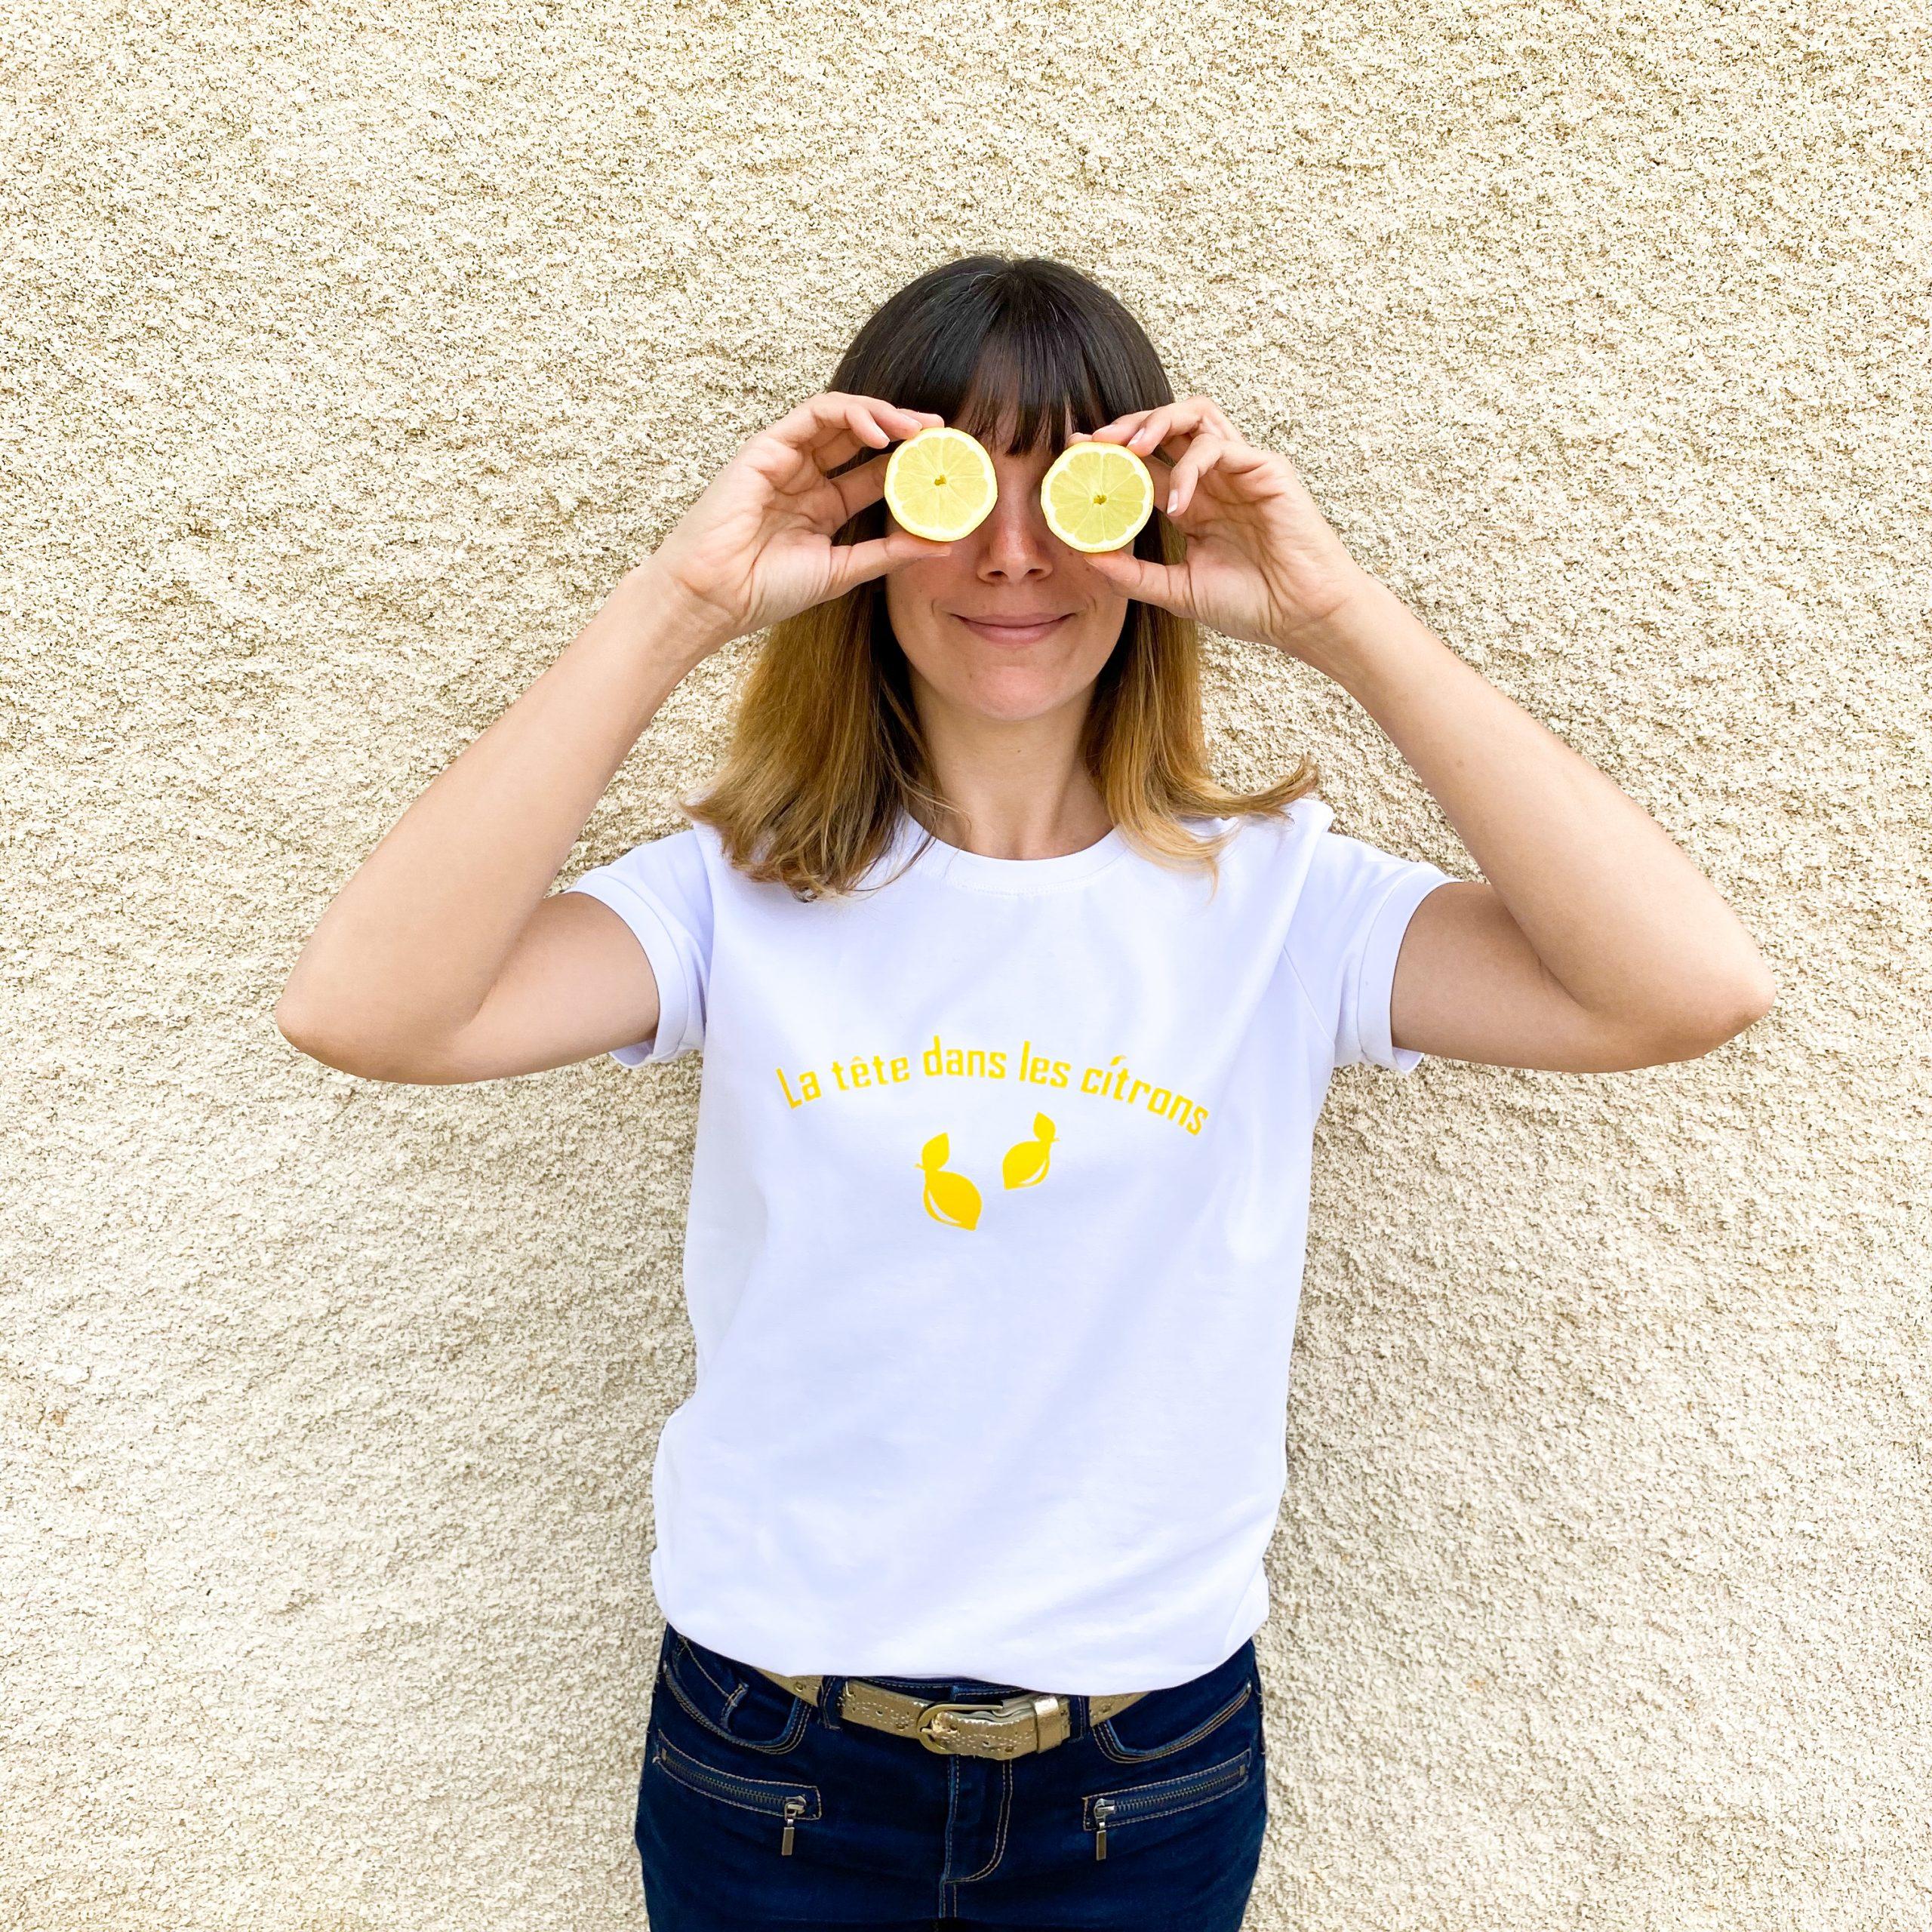 nom d'une couture t-shirt flex cricut maker citron